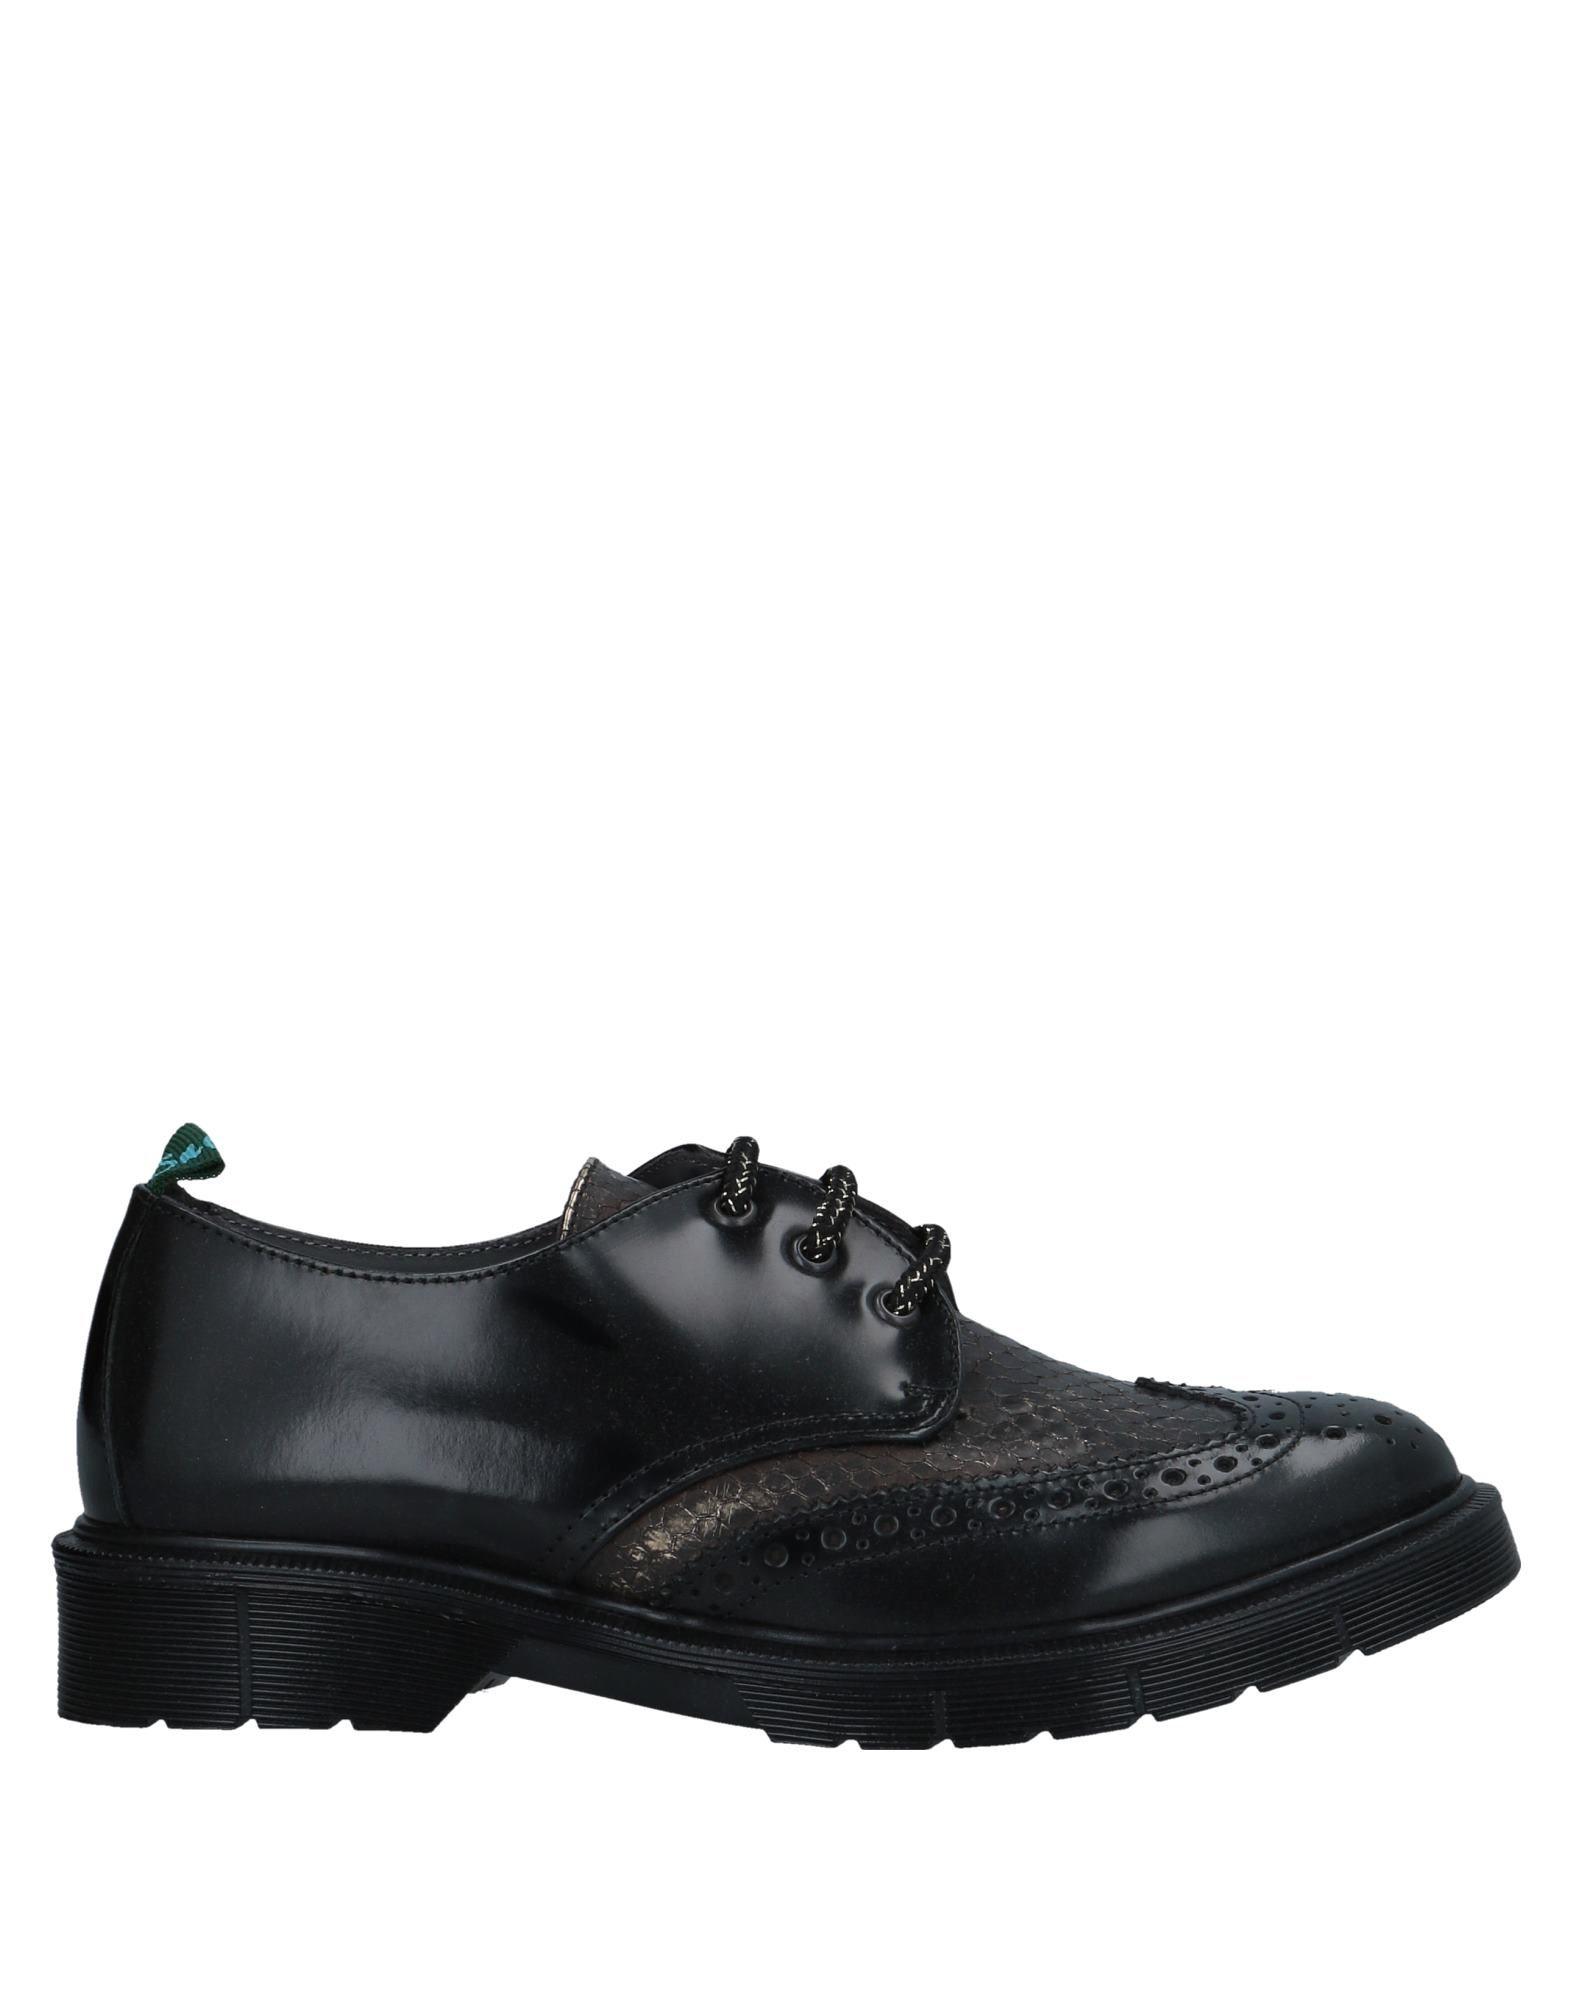 Фото - SNOBS® Обувь на шнурках обувь на высокой платформе dkny